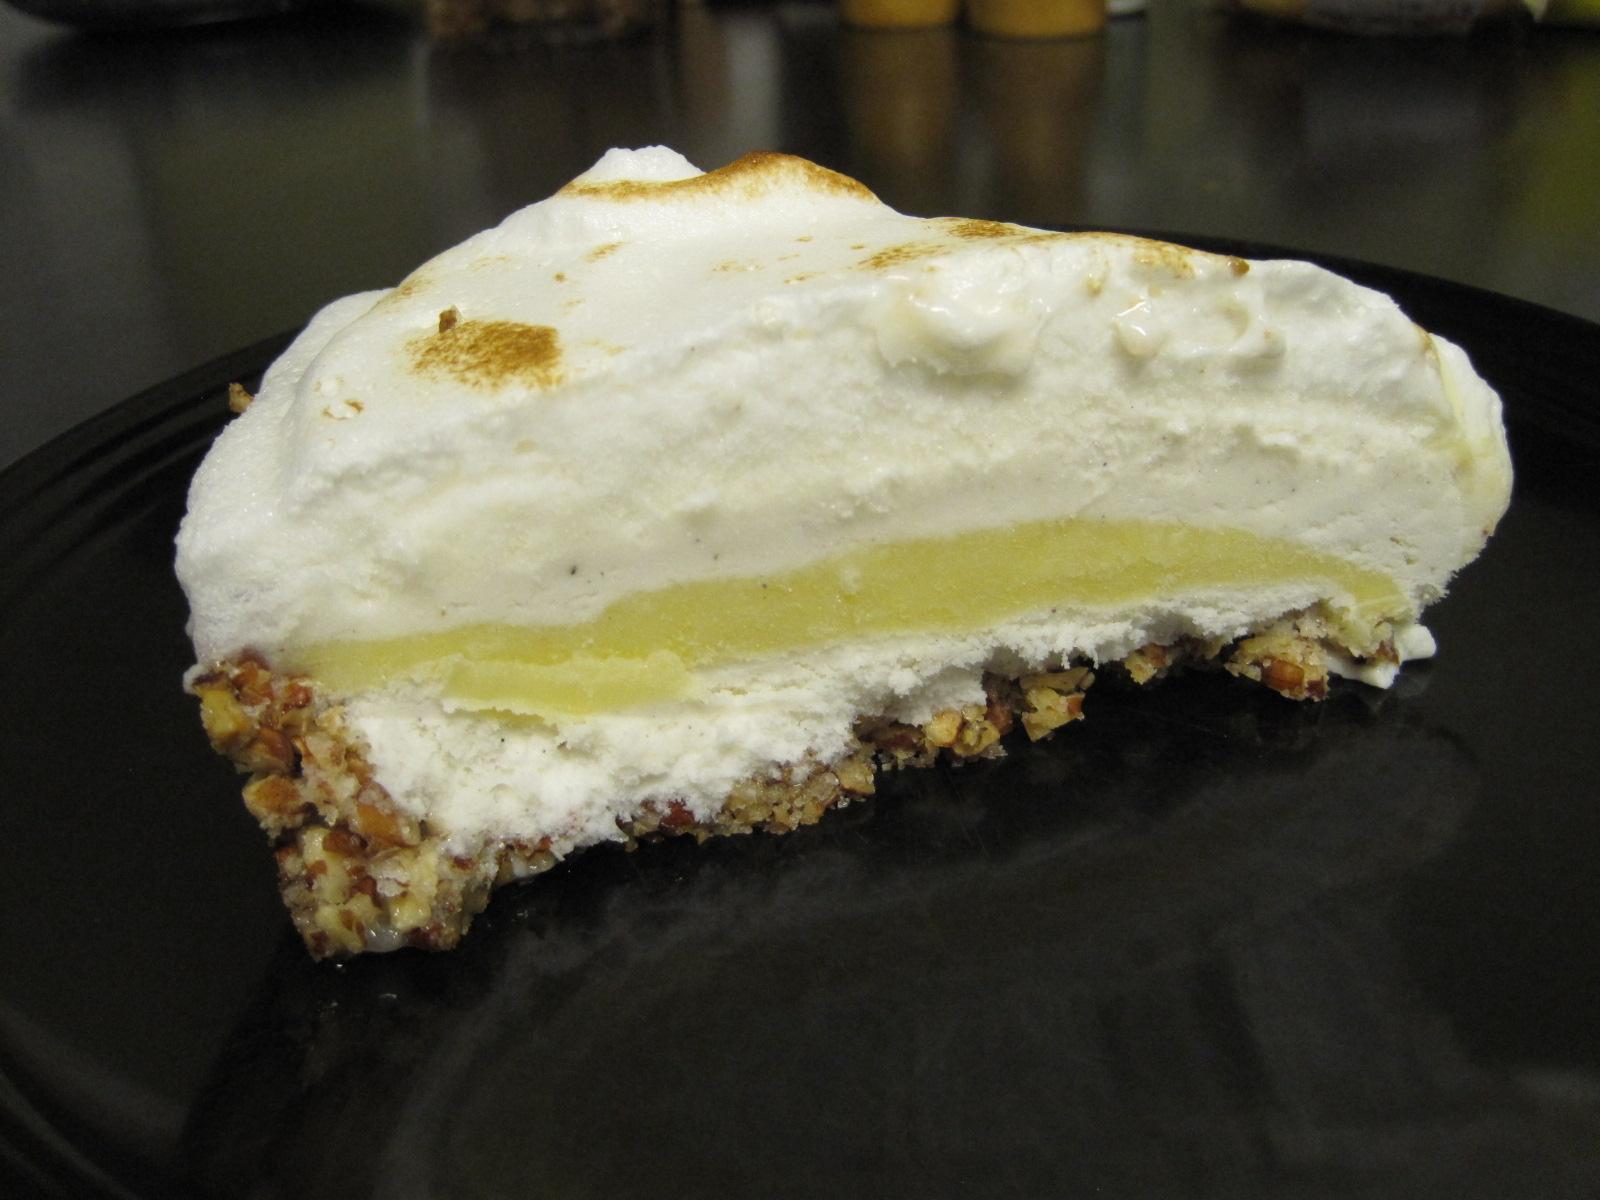 Lemon Meringue Ice Cream Pie In Toasted Pecan Crust Recipe ...